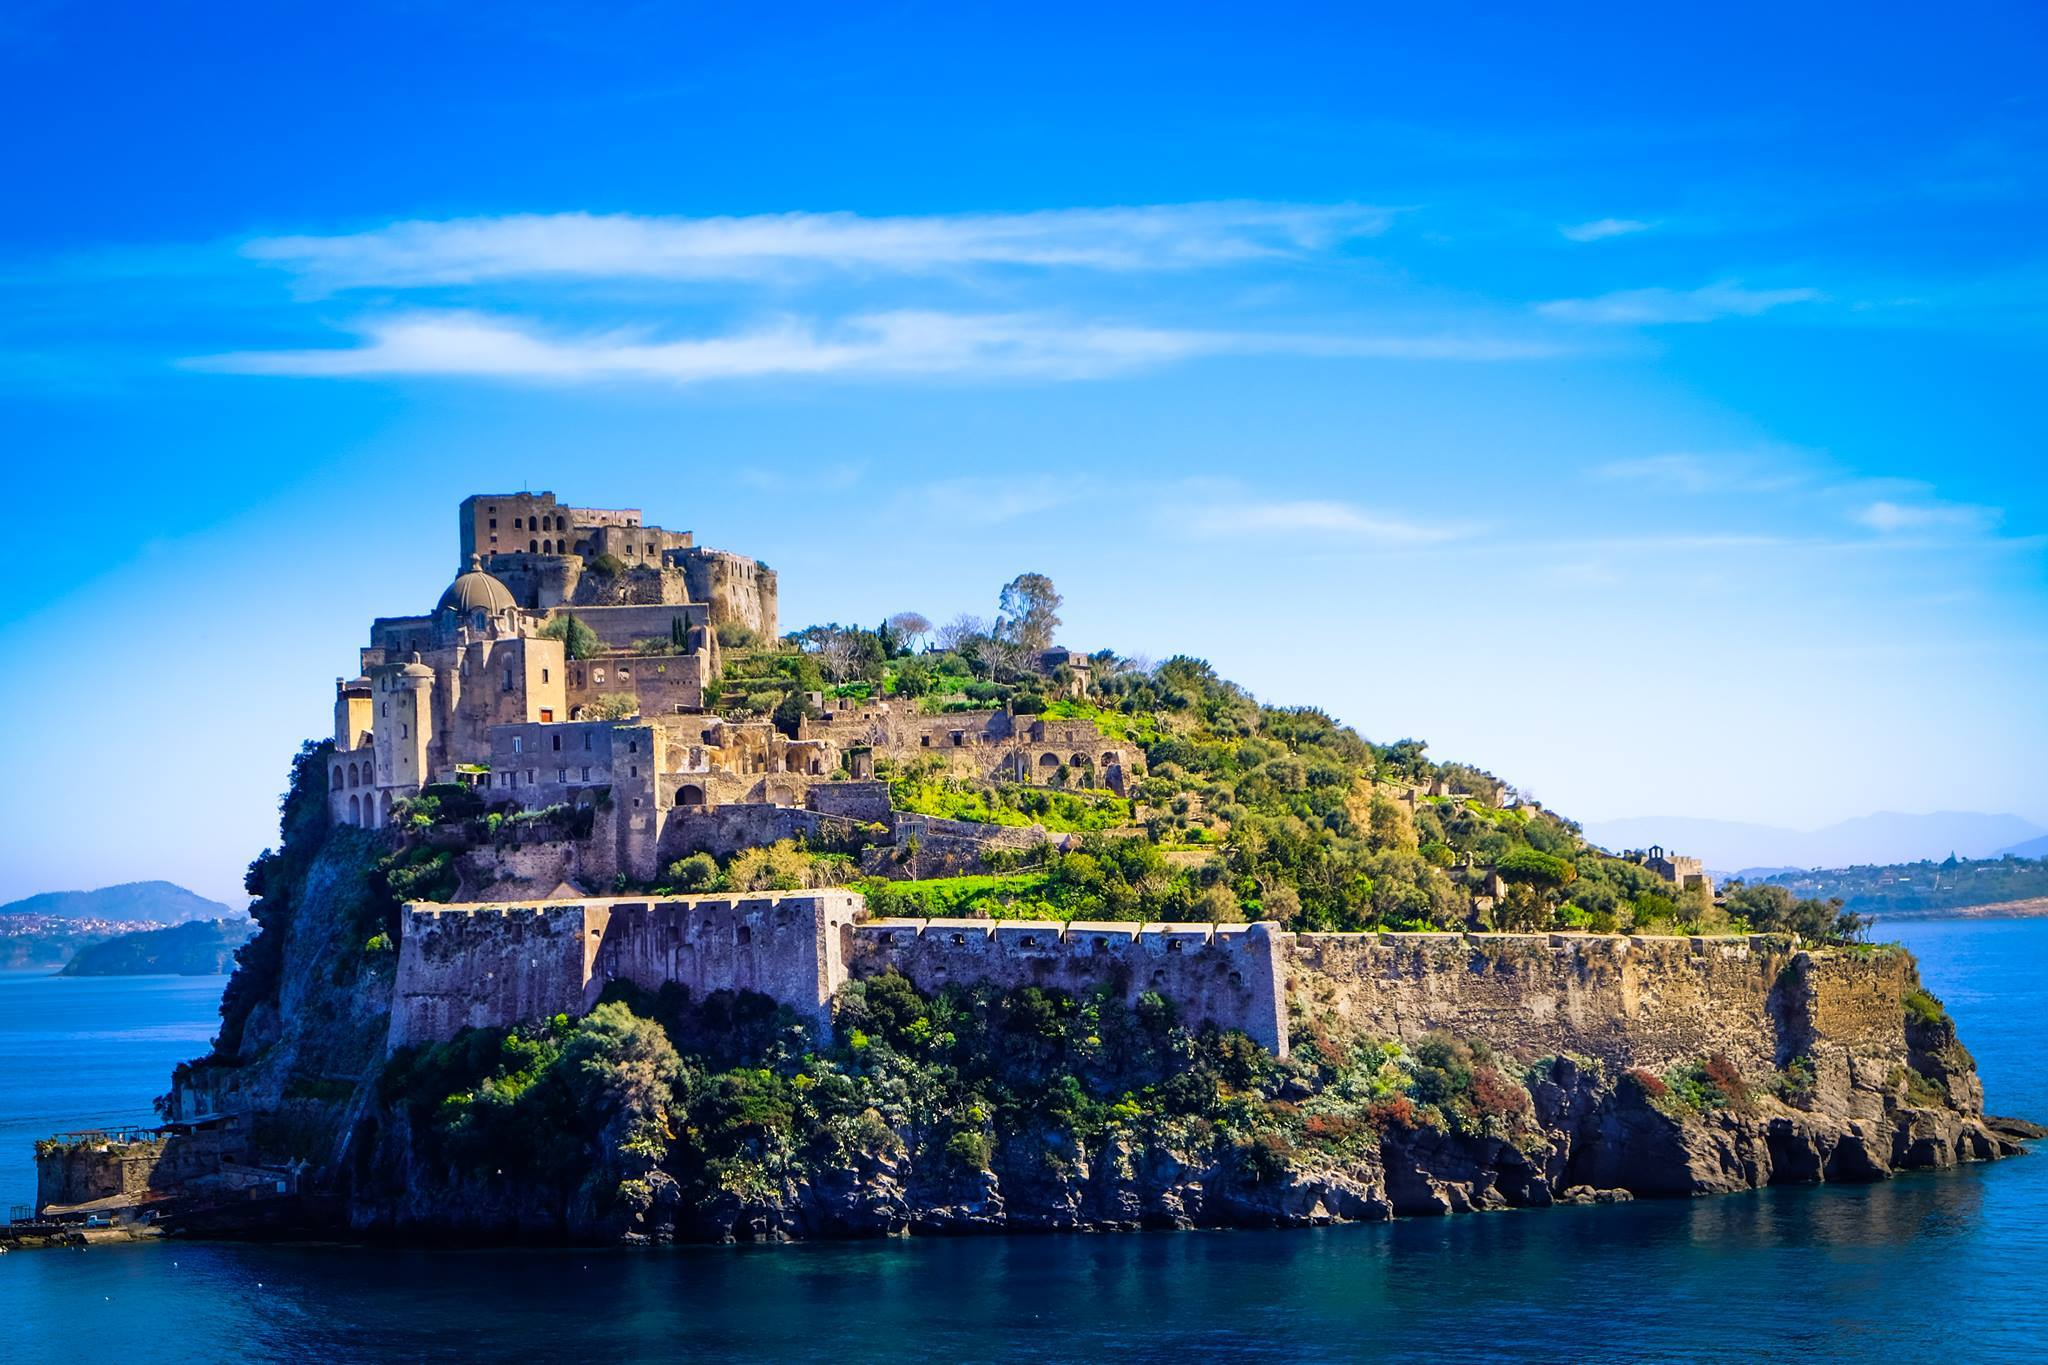 castello aragonese ischia storia